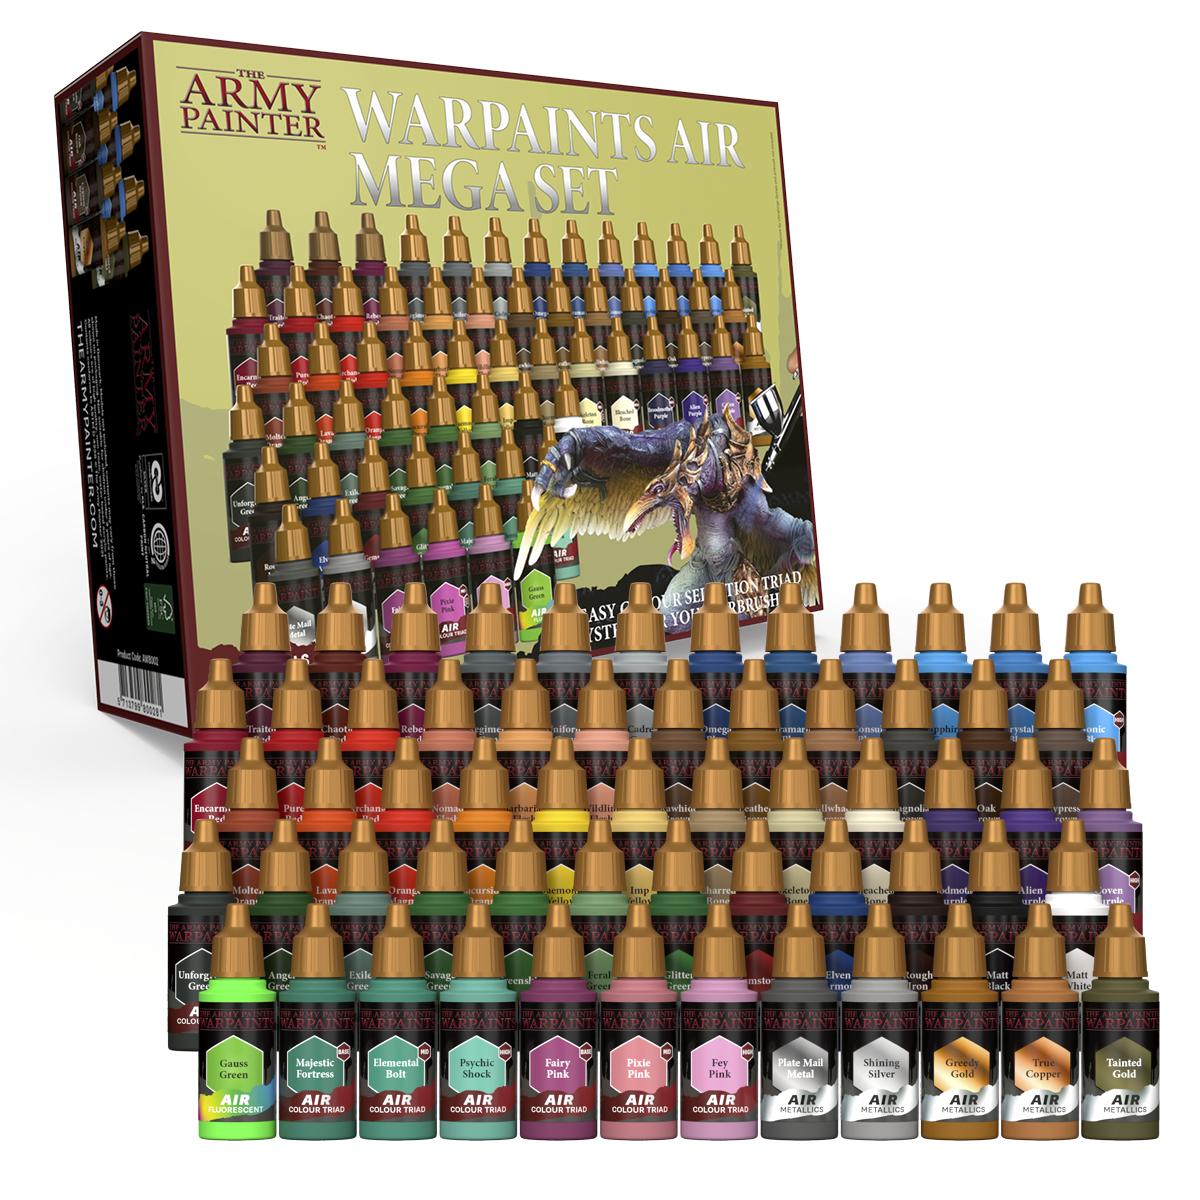 Army Painter Warpaints Air Mega Set